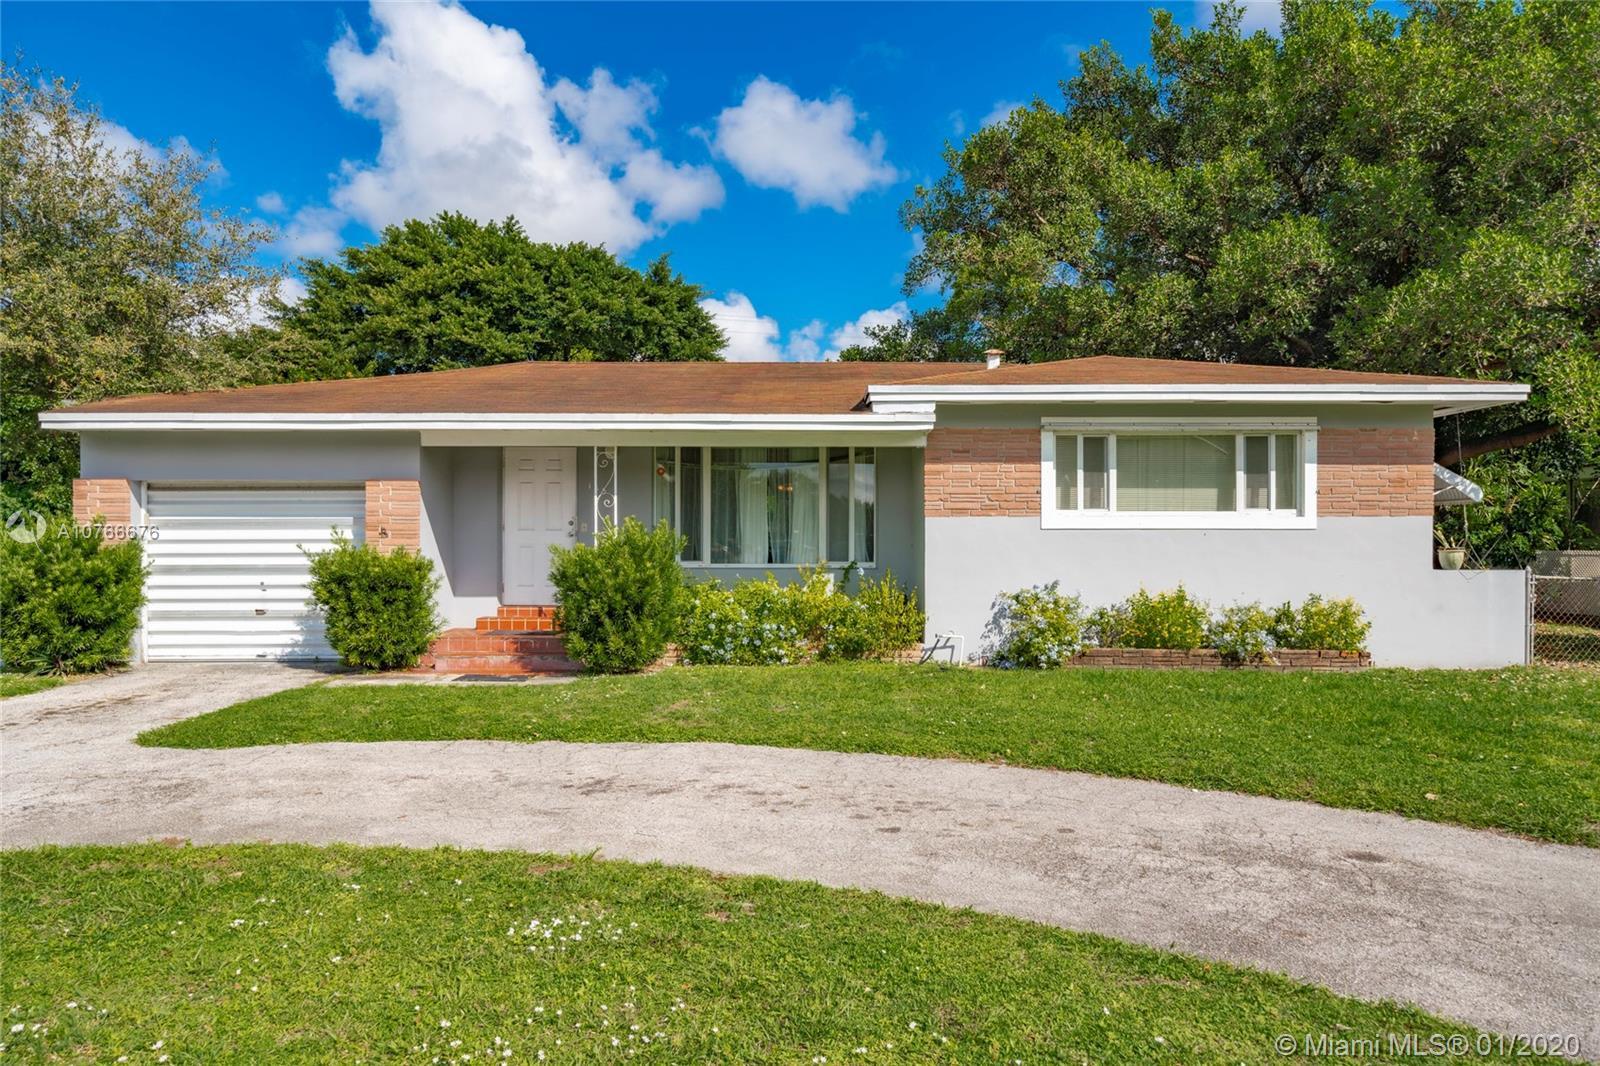 185 NW 115th St, Miami, FL 33168